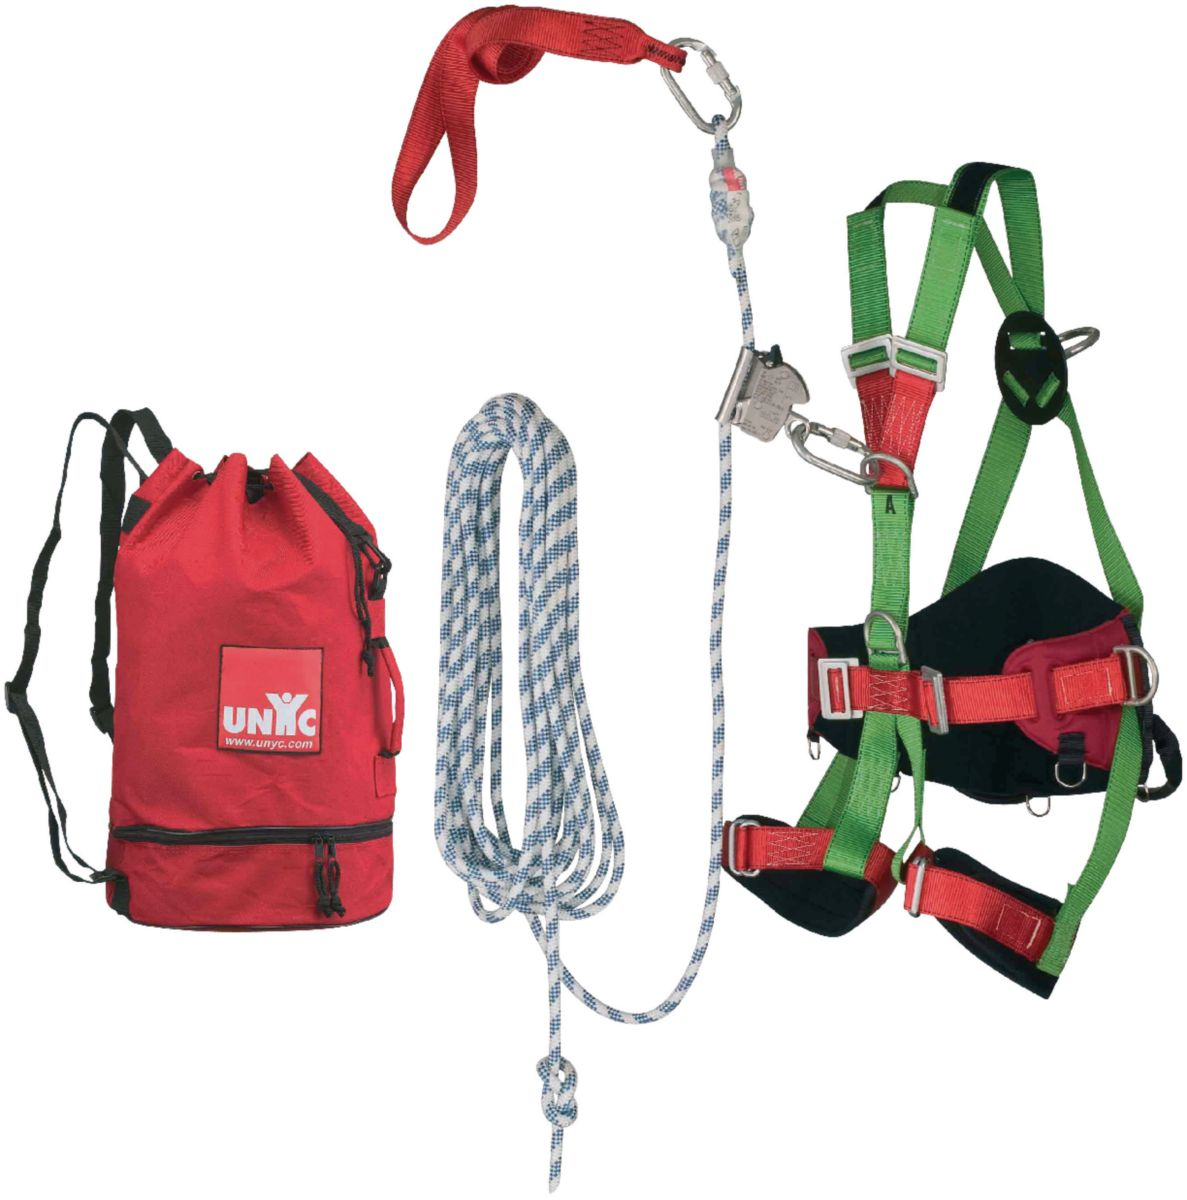 Kit confort couverture 1 harnais + 1 sangle + 1 corde + 1 antichute à corde + 2 mousquetons + 1 sac QSFEPI01/02